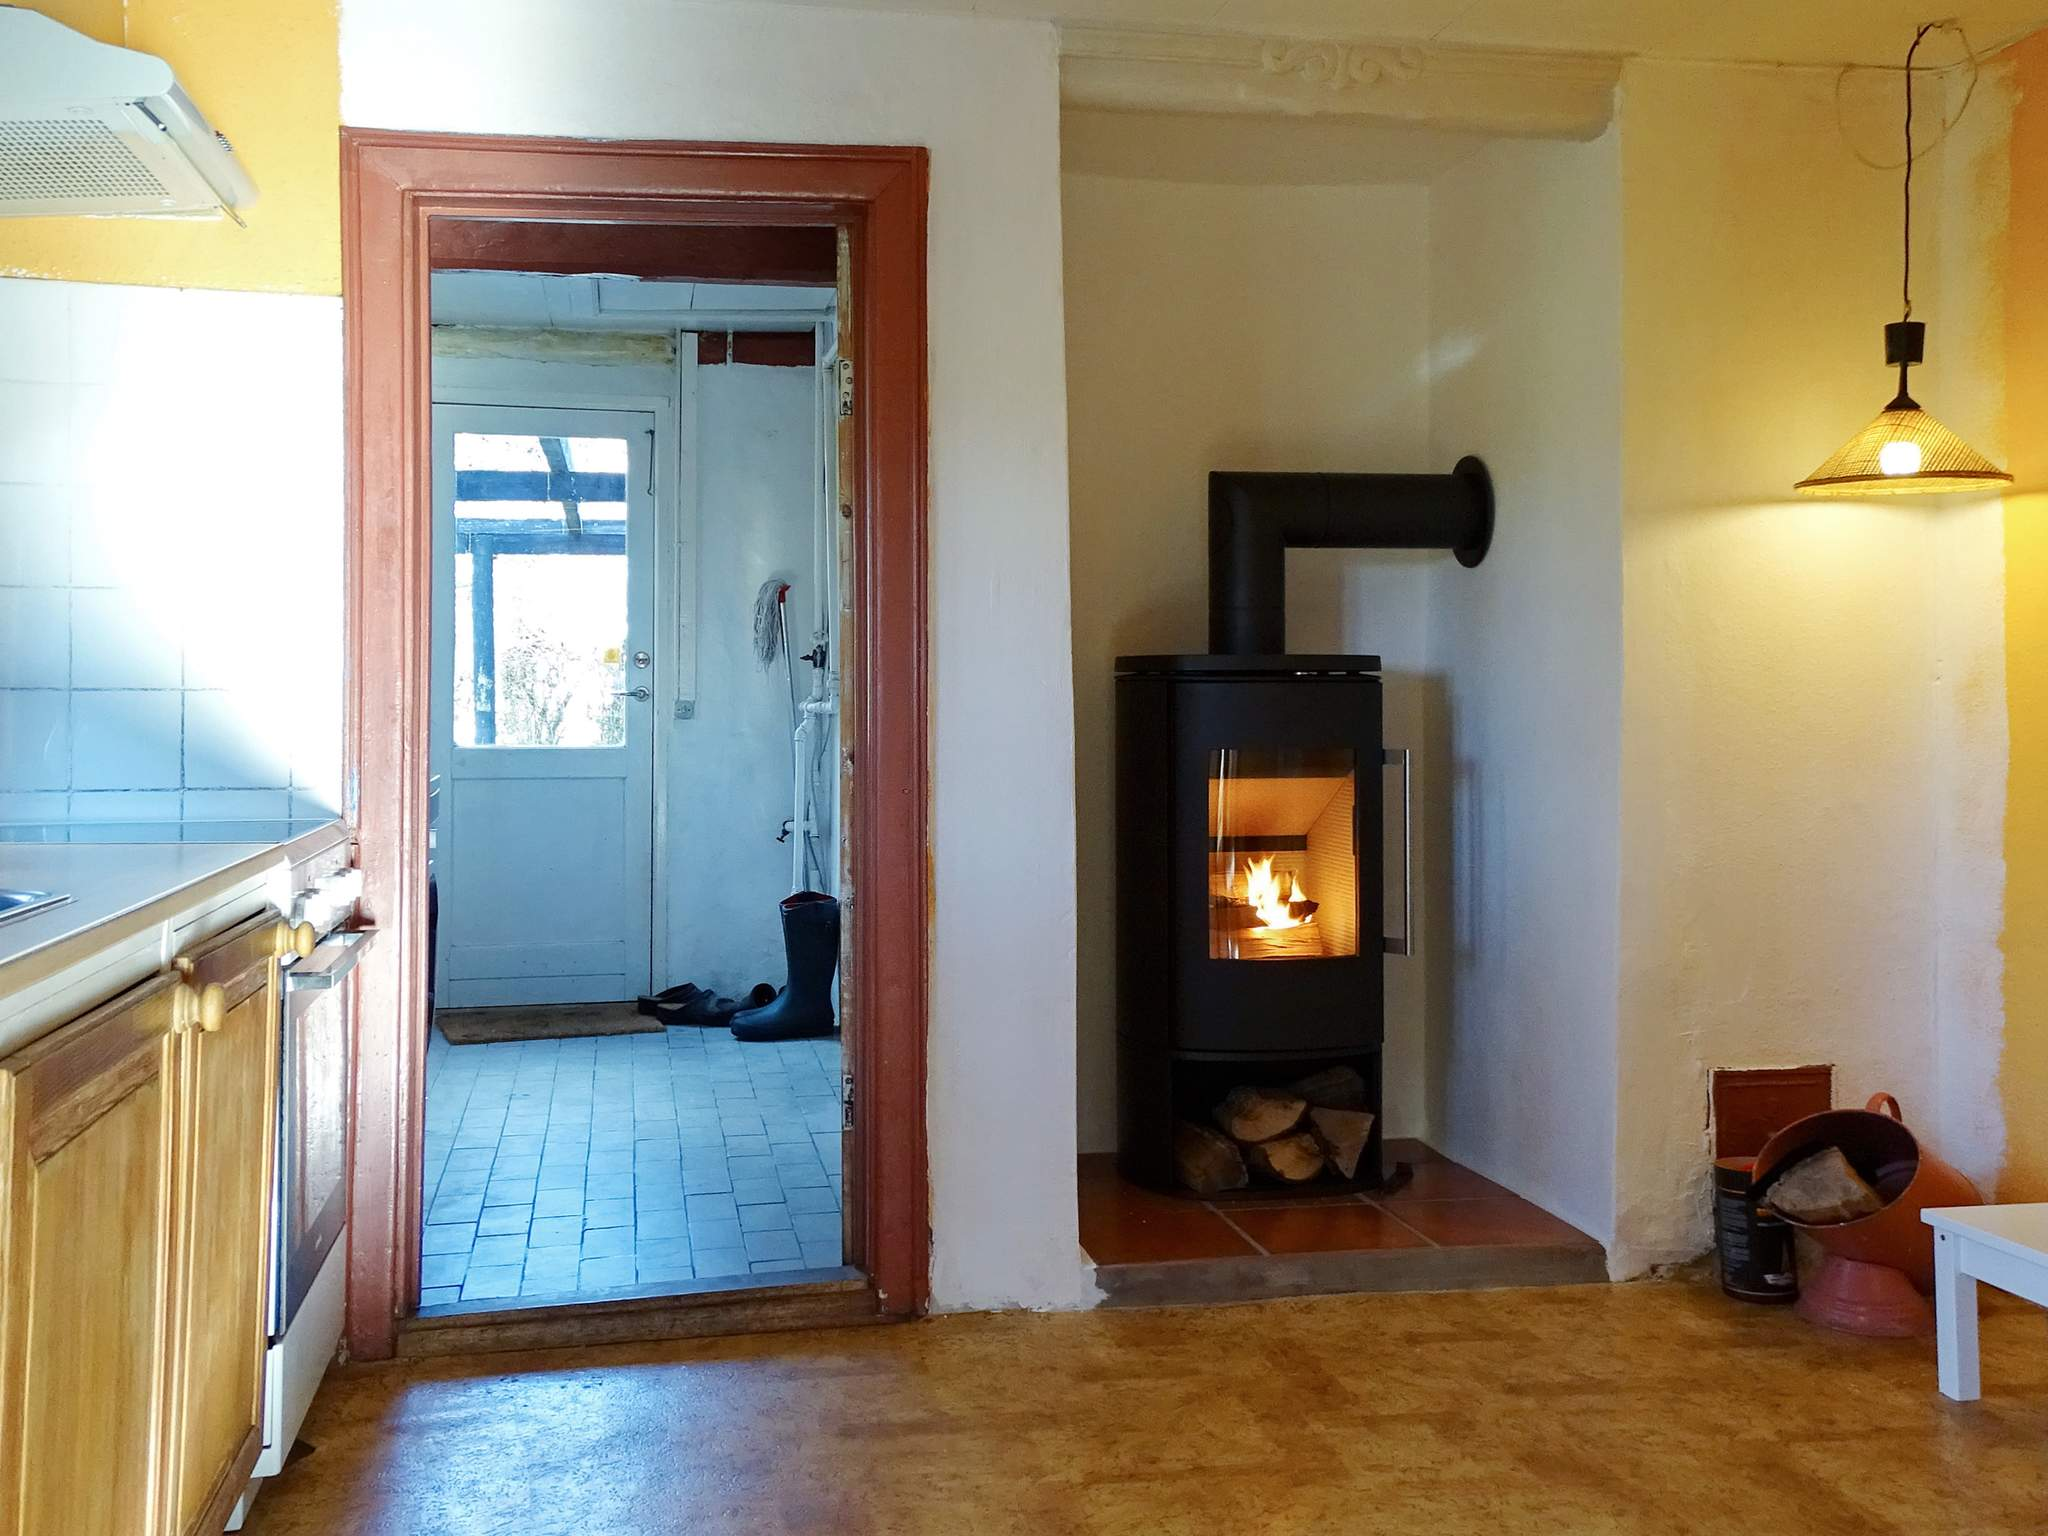 Ferienhaus Hou/Fyn (2032424), Tranekær, , Langeland, Dänemark, Bild 4